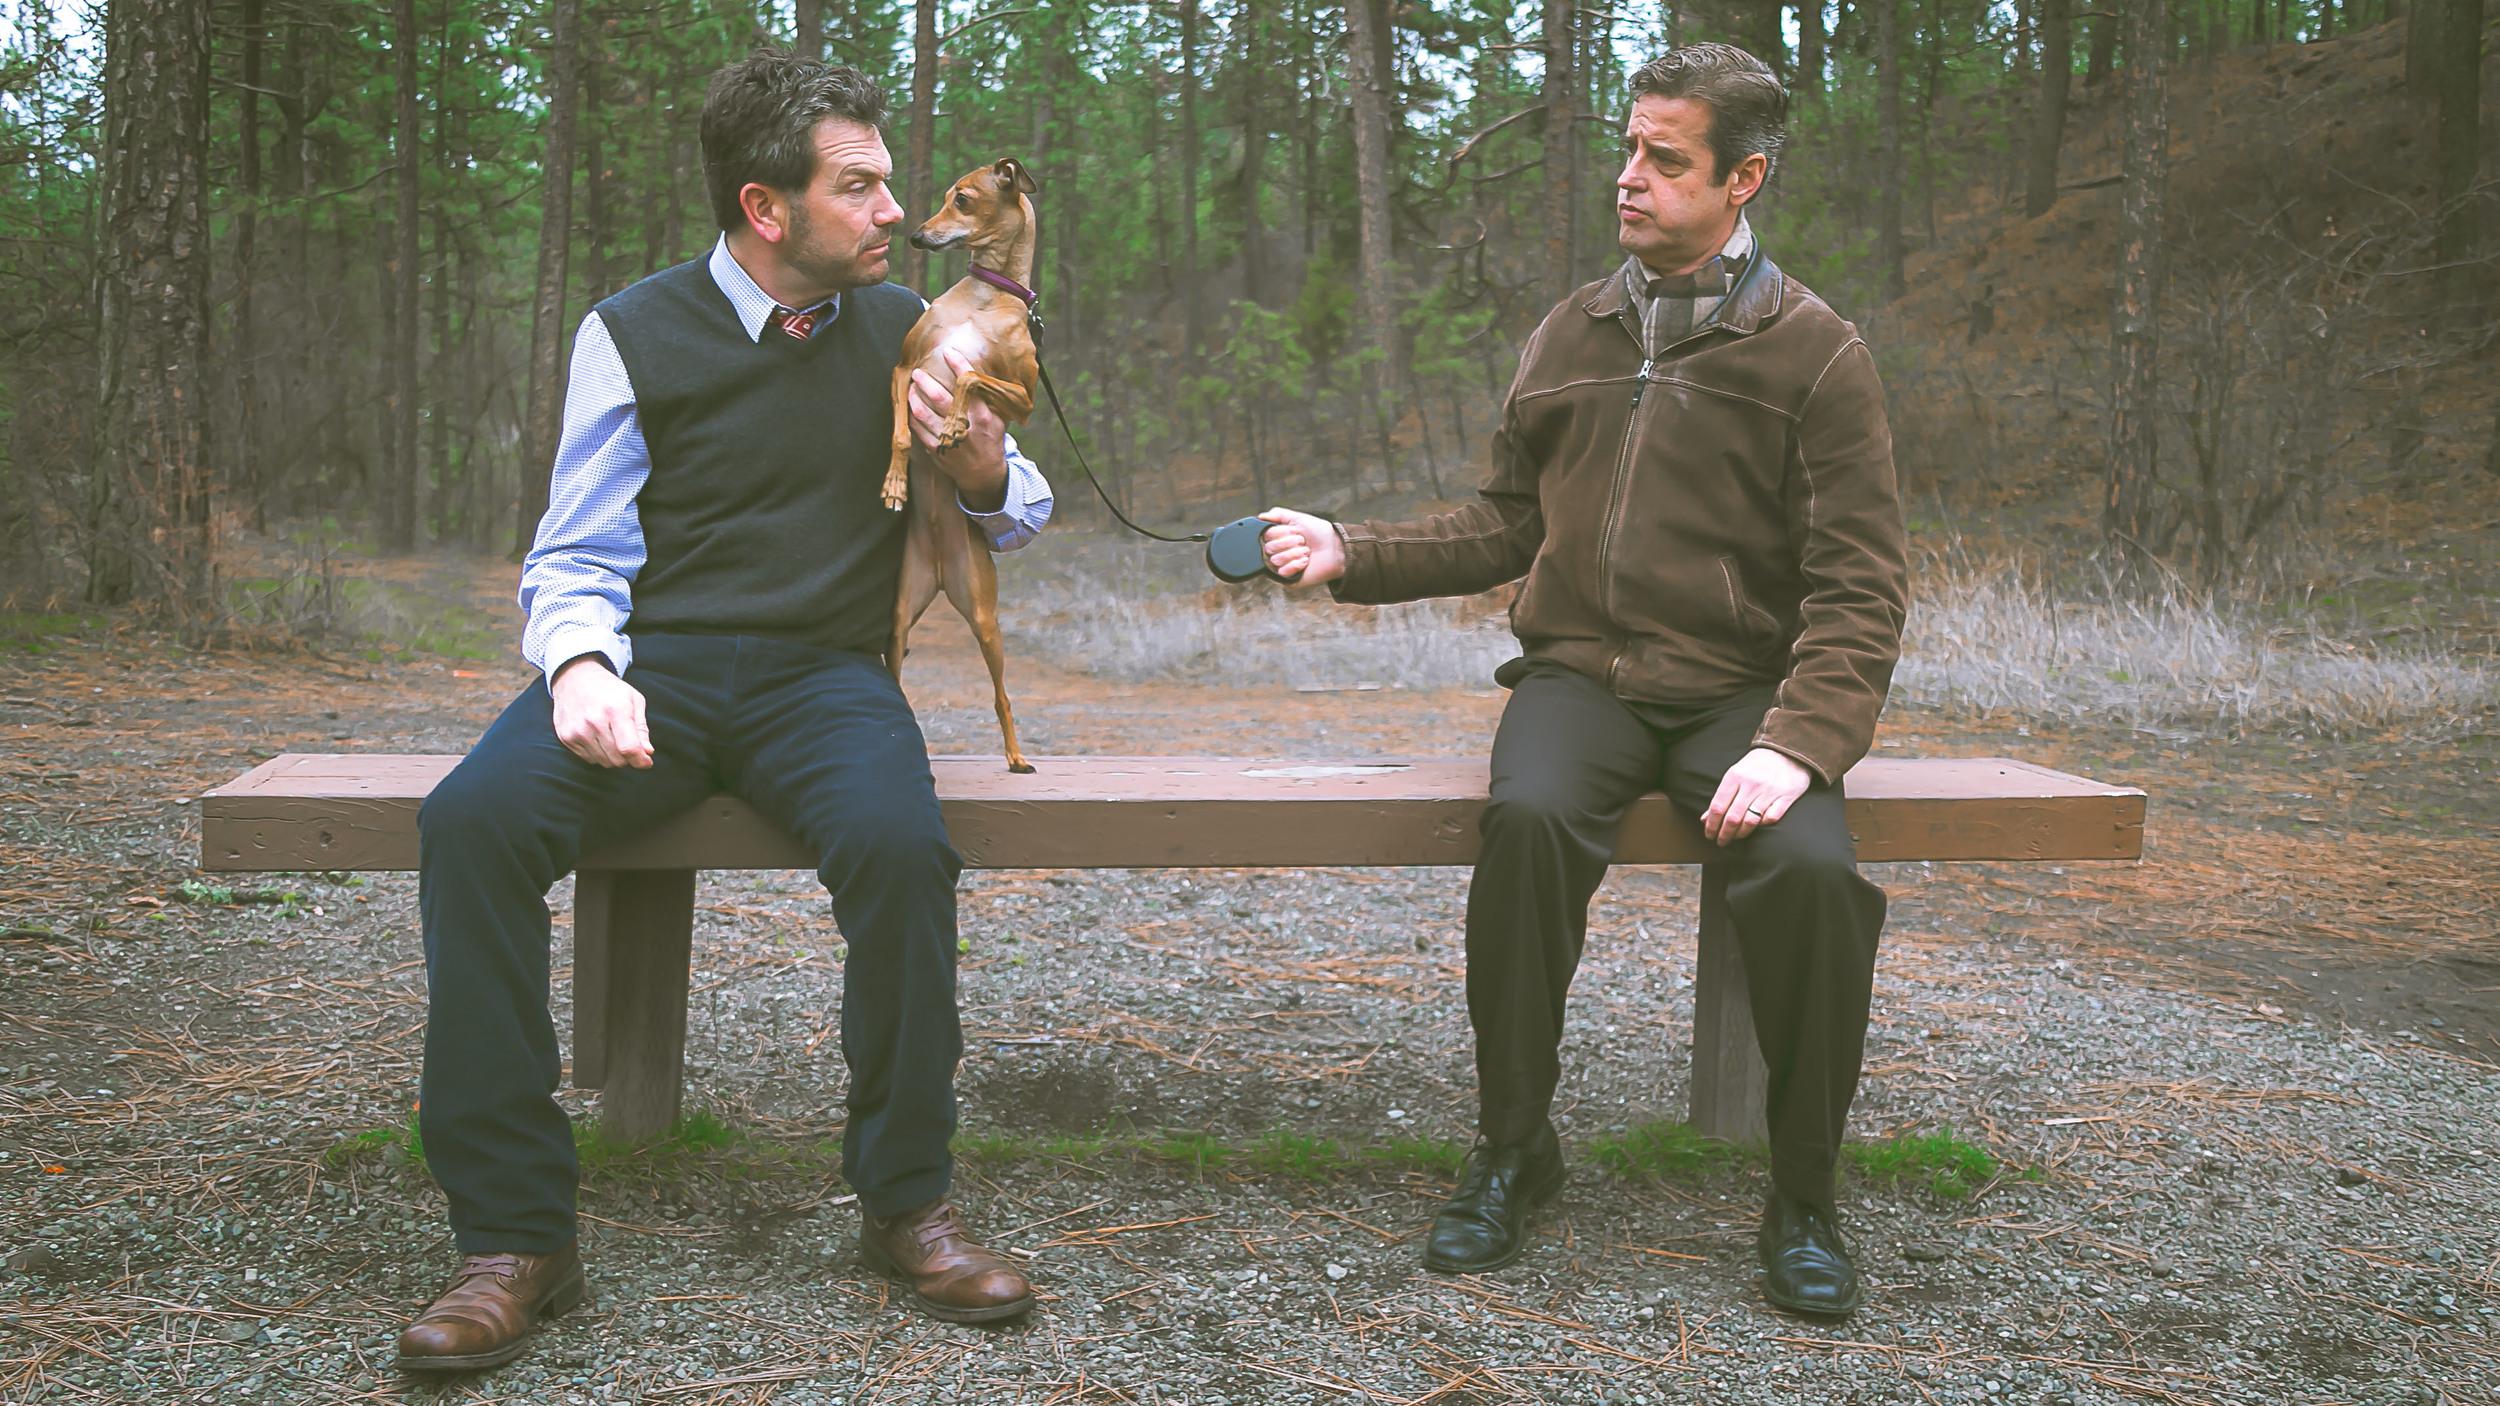 Modern - Spokane Best Brothers - Promo - danscape (300 of 301).jpg